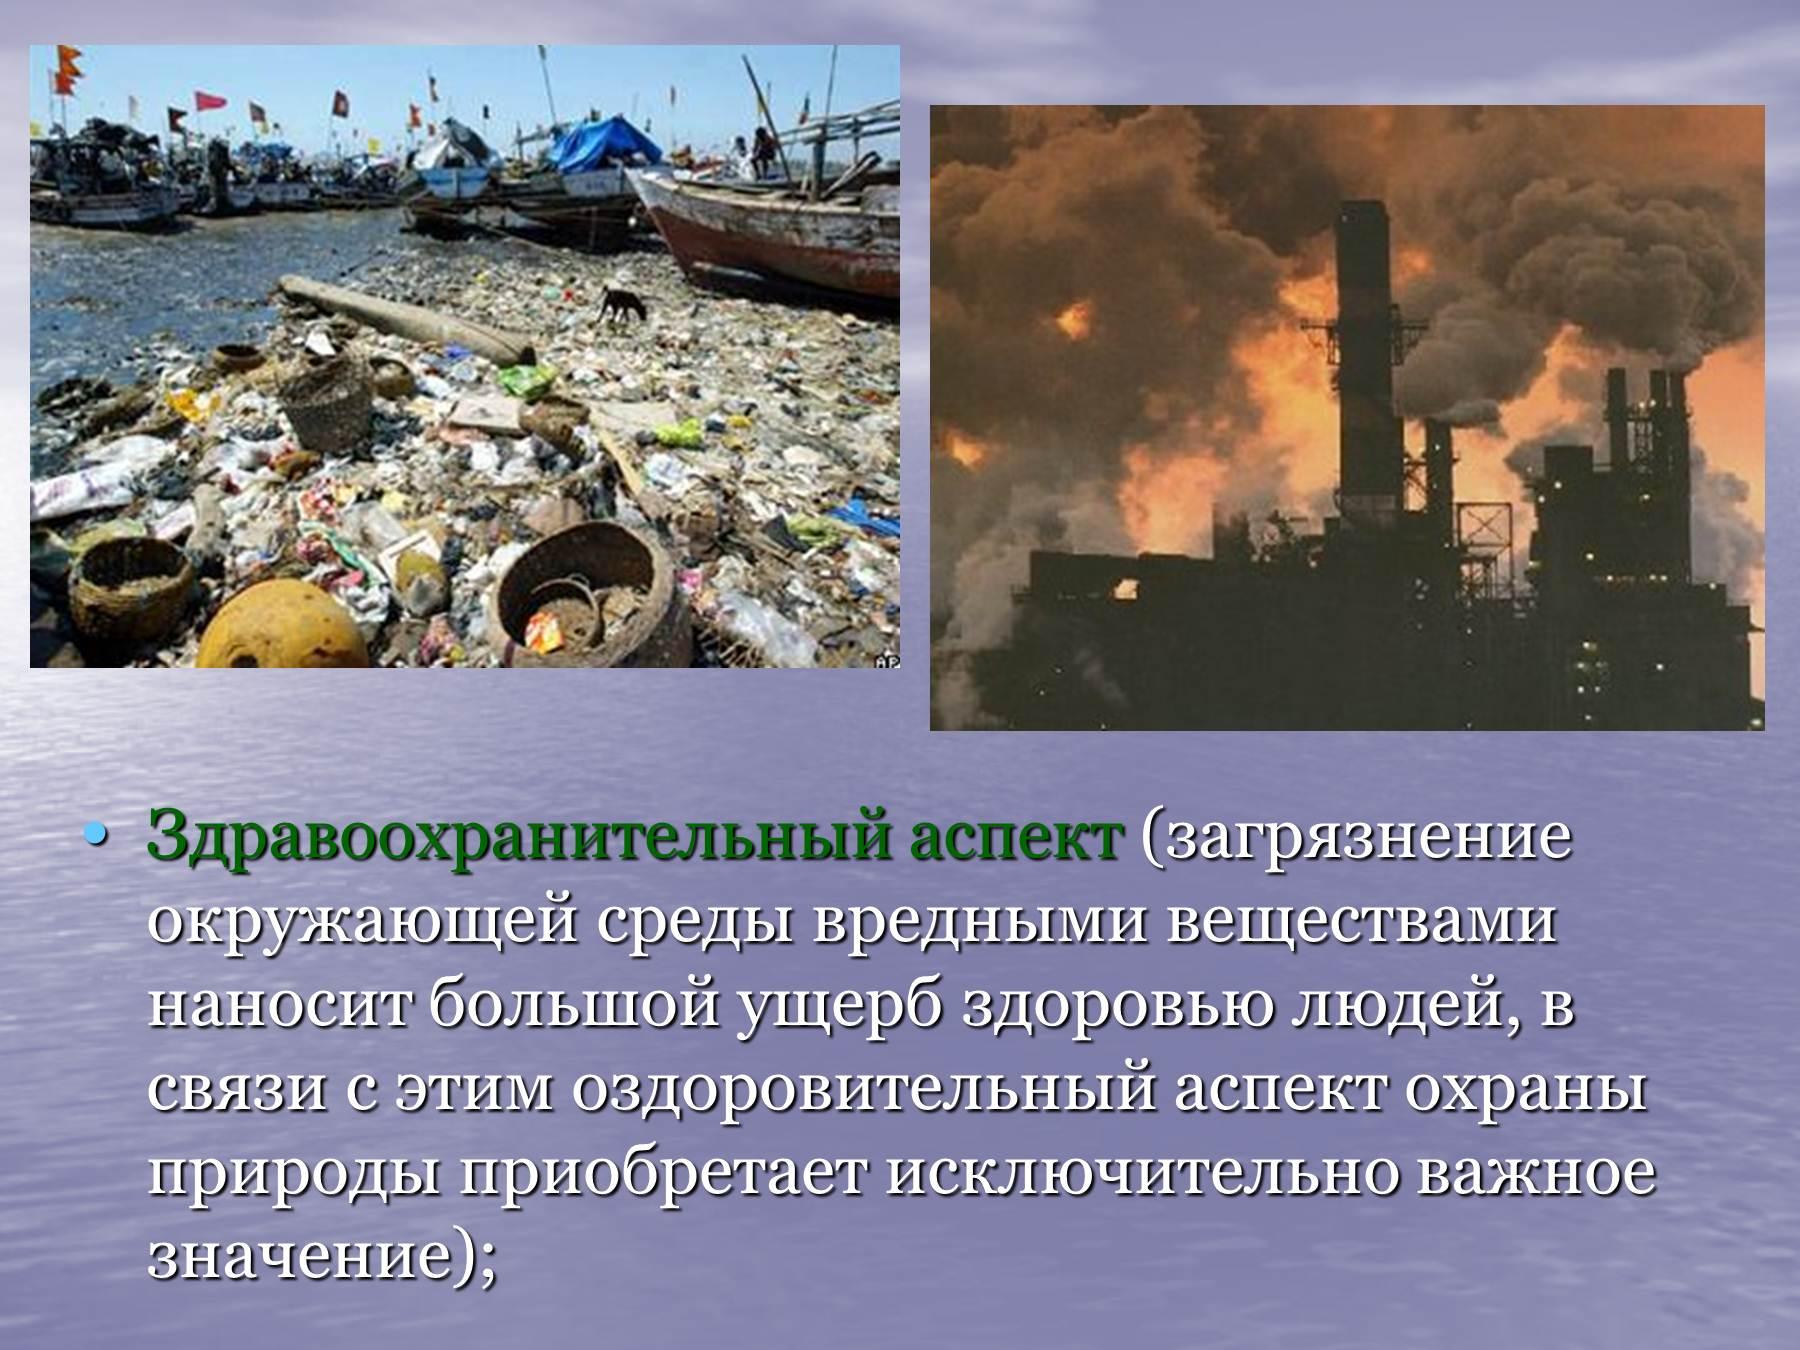 фото реферат экологические проблемы сказать